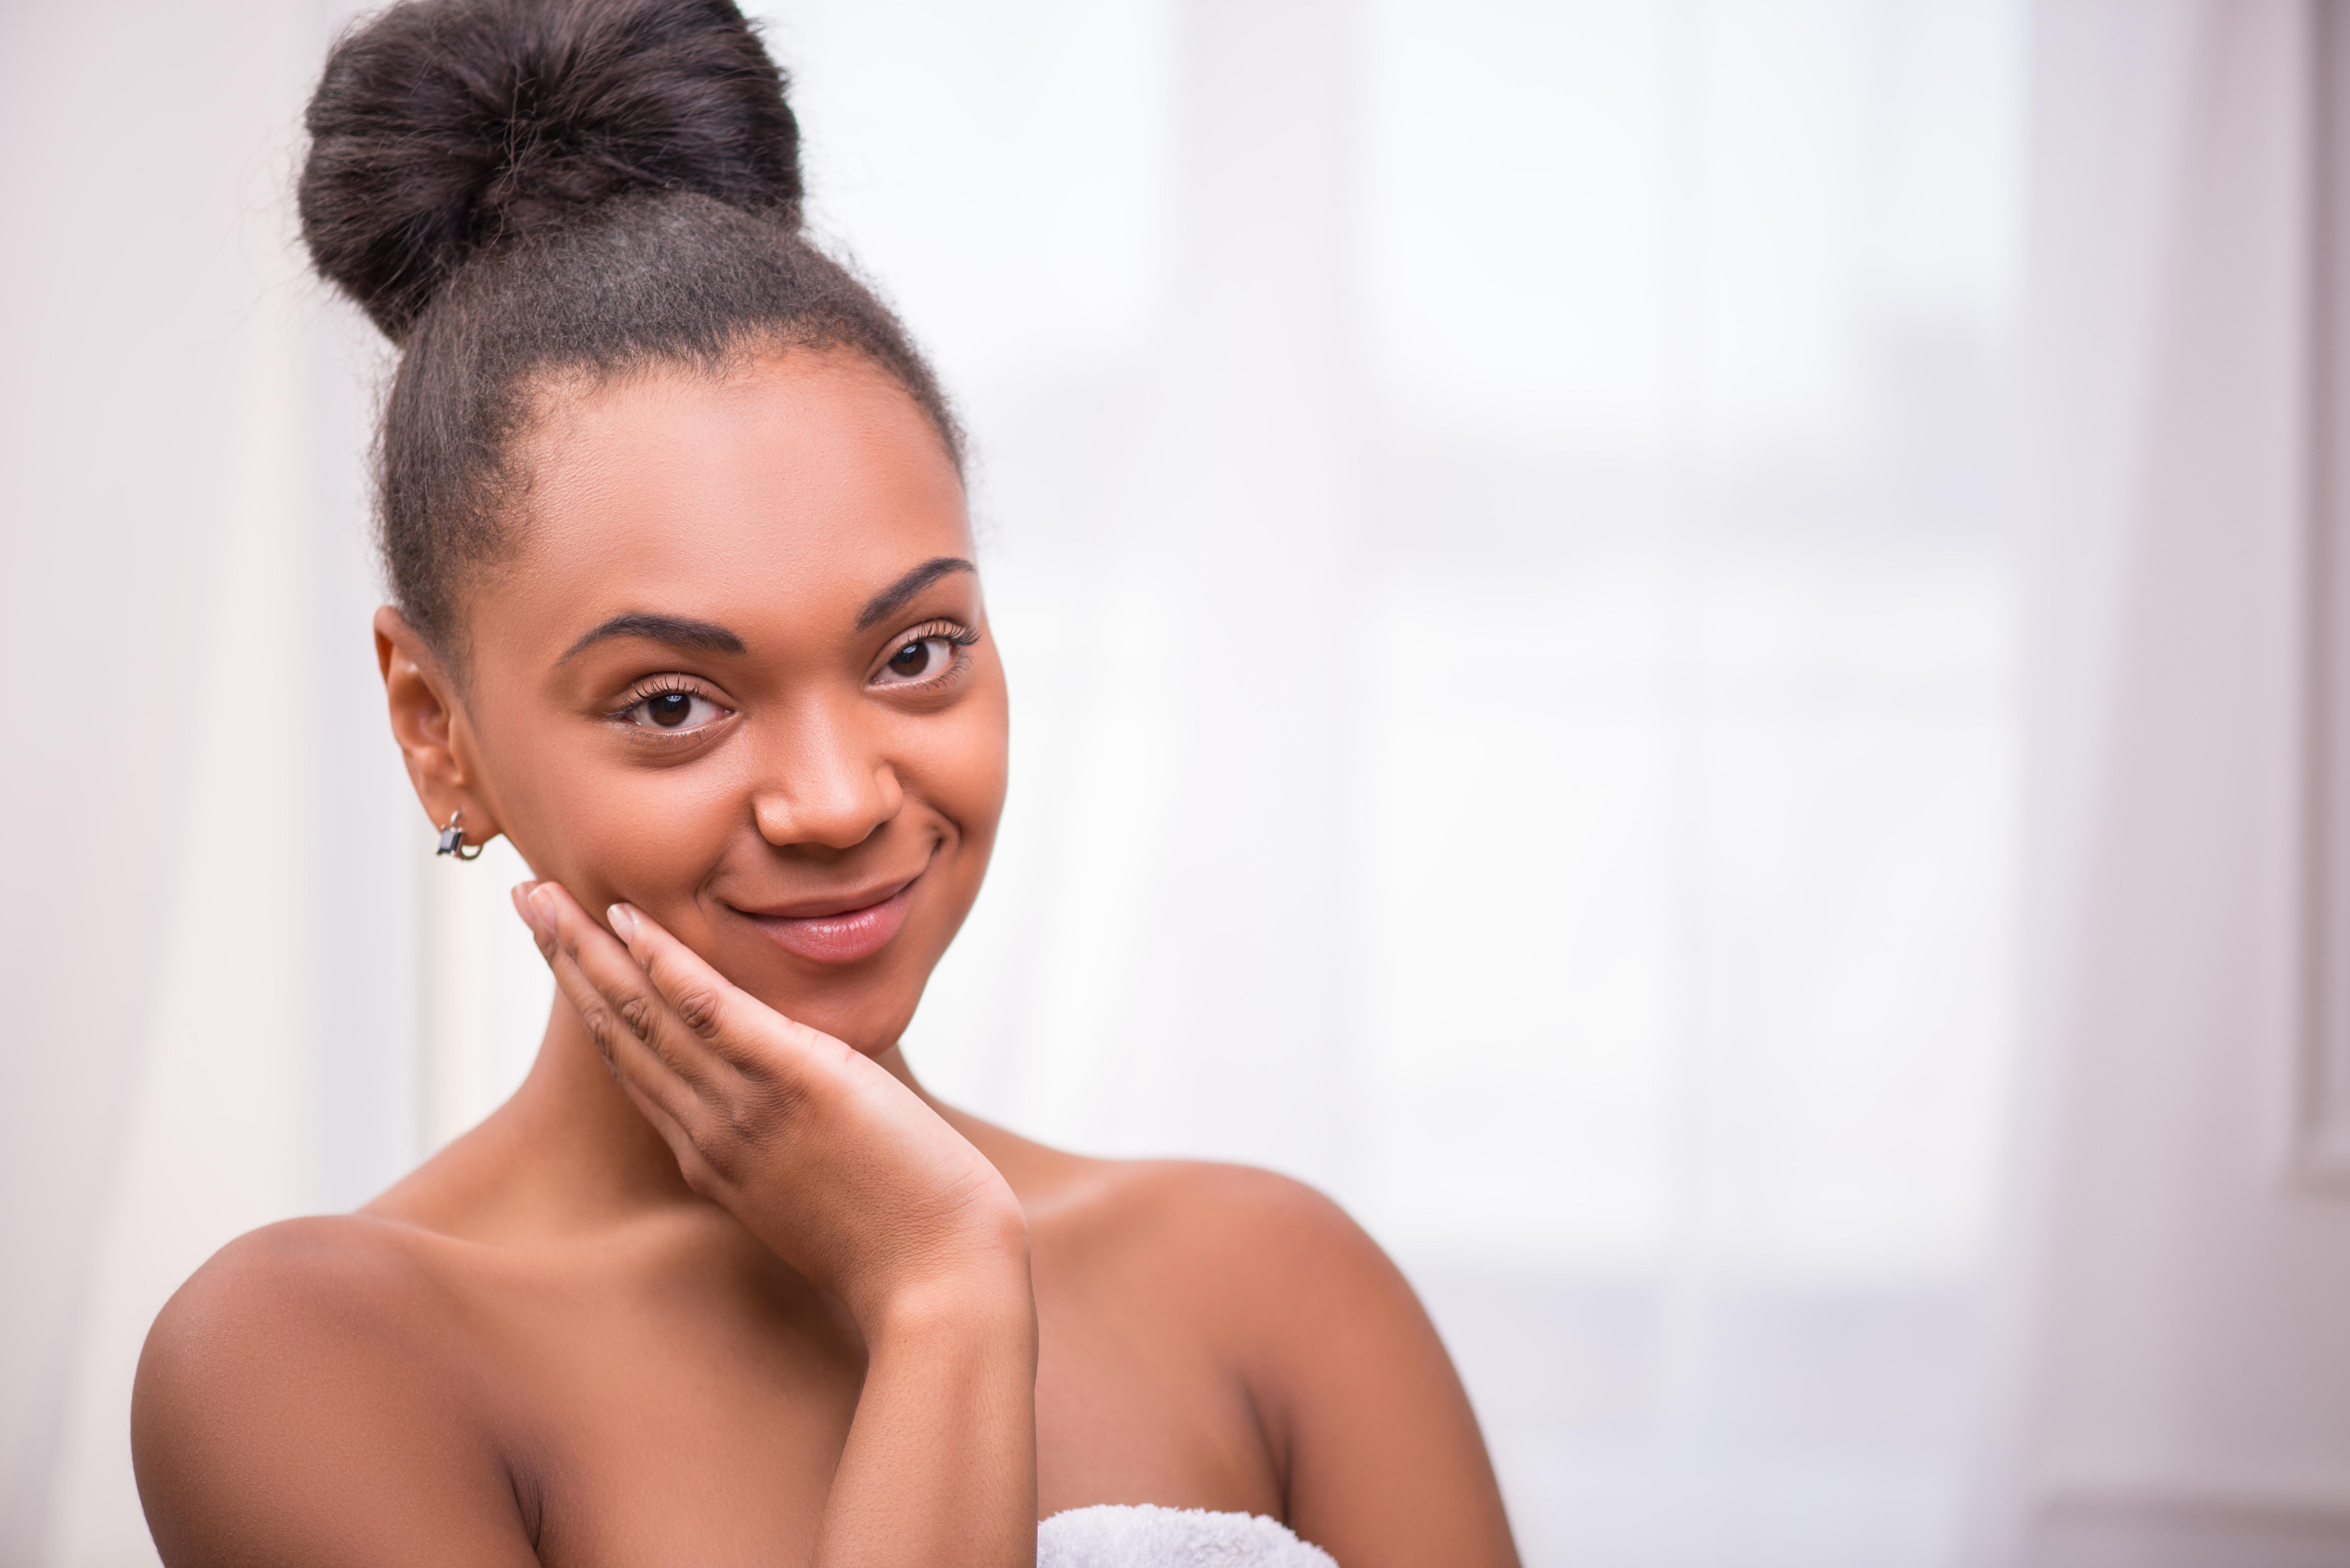 Bescherm je huid goed